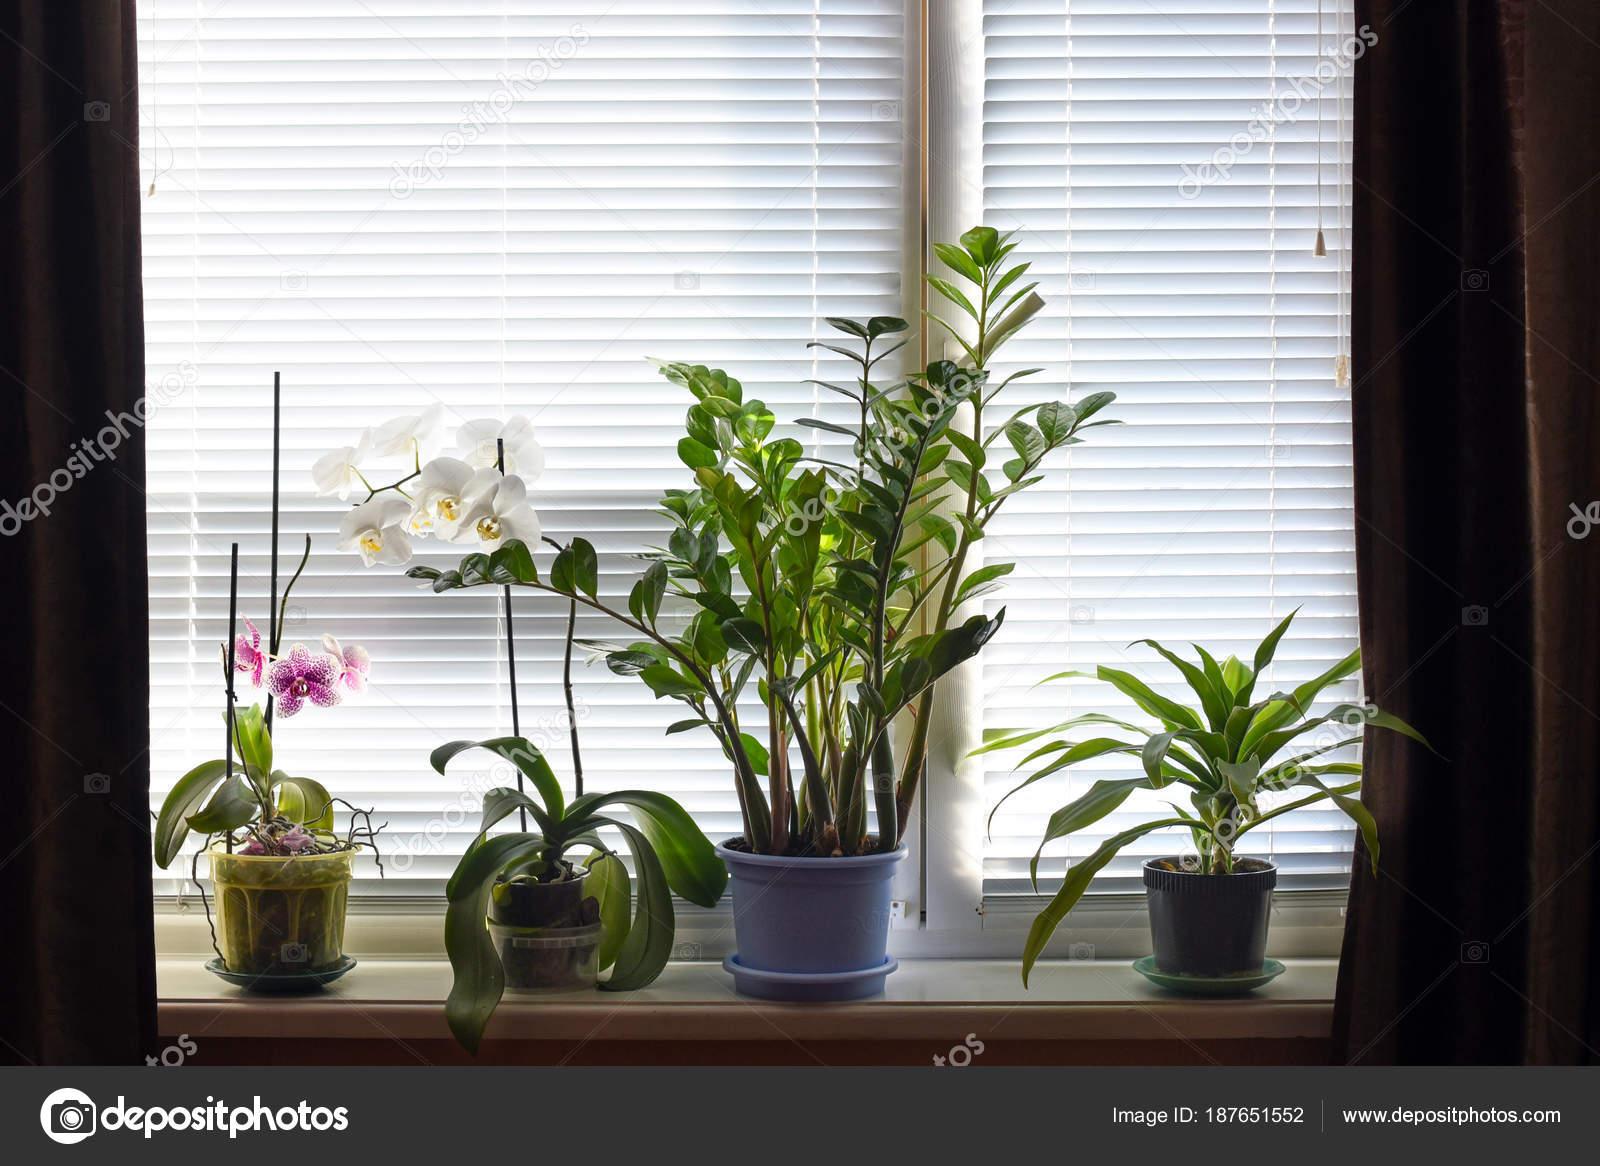 Davanzale una finestra con molti vasi piante camera esso u foto